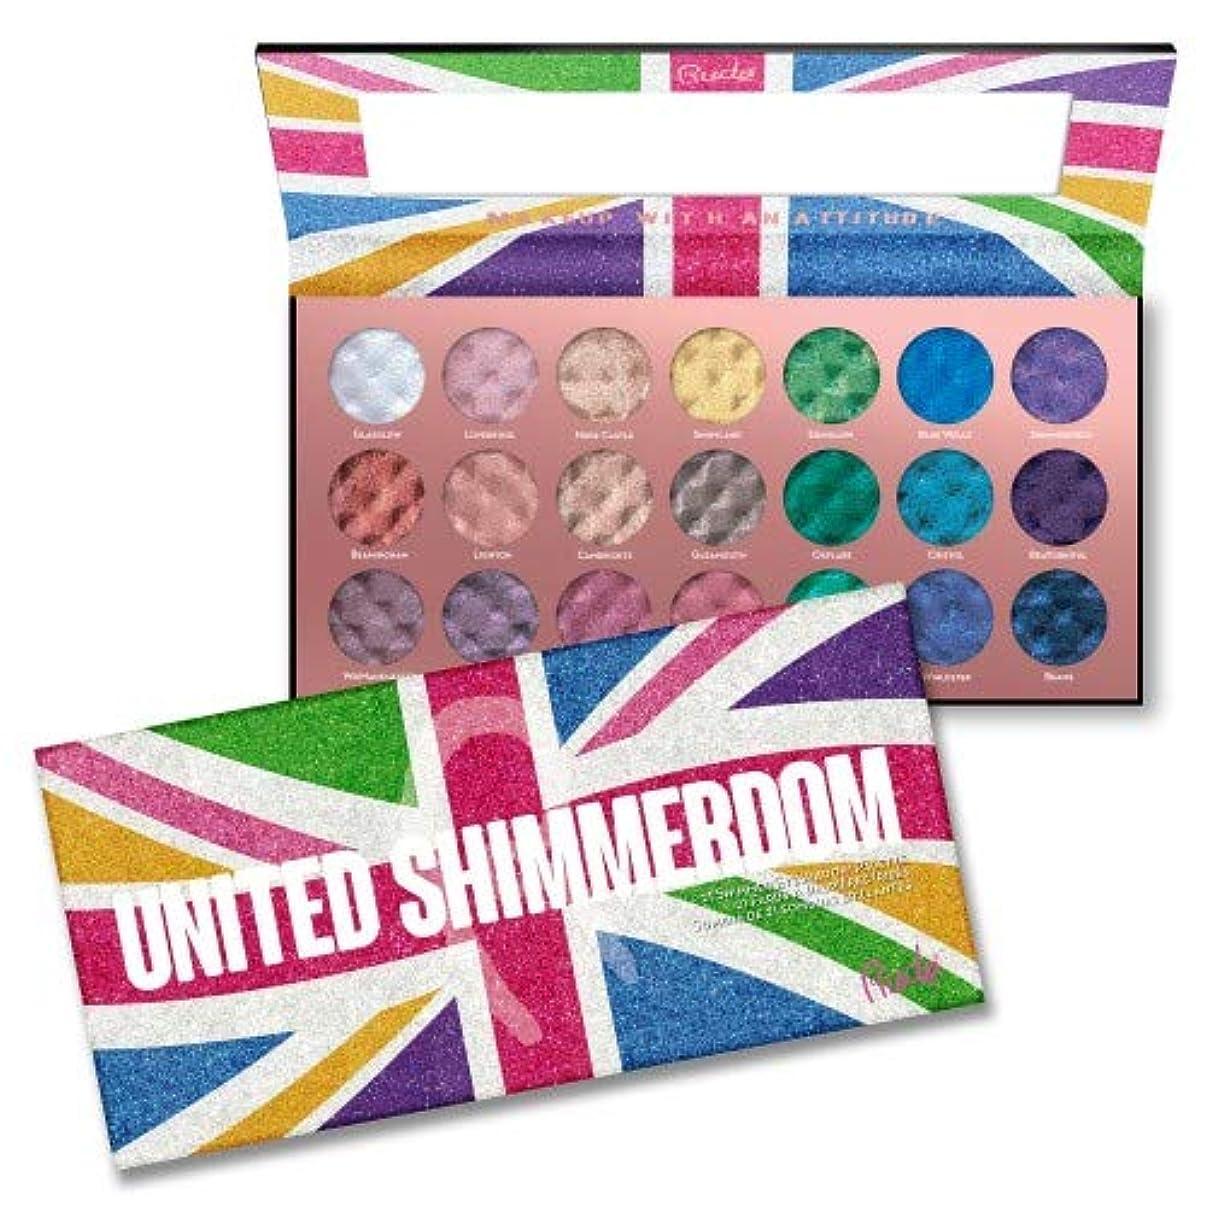 株式会社究極のジャベスウィルソンRUDE United Shimmerdom - 21 Shimmer Eyeshadow Palette (並行輸入品)